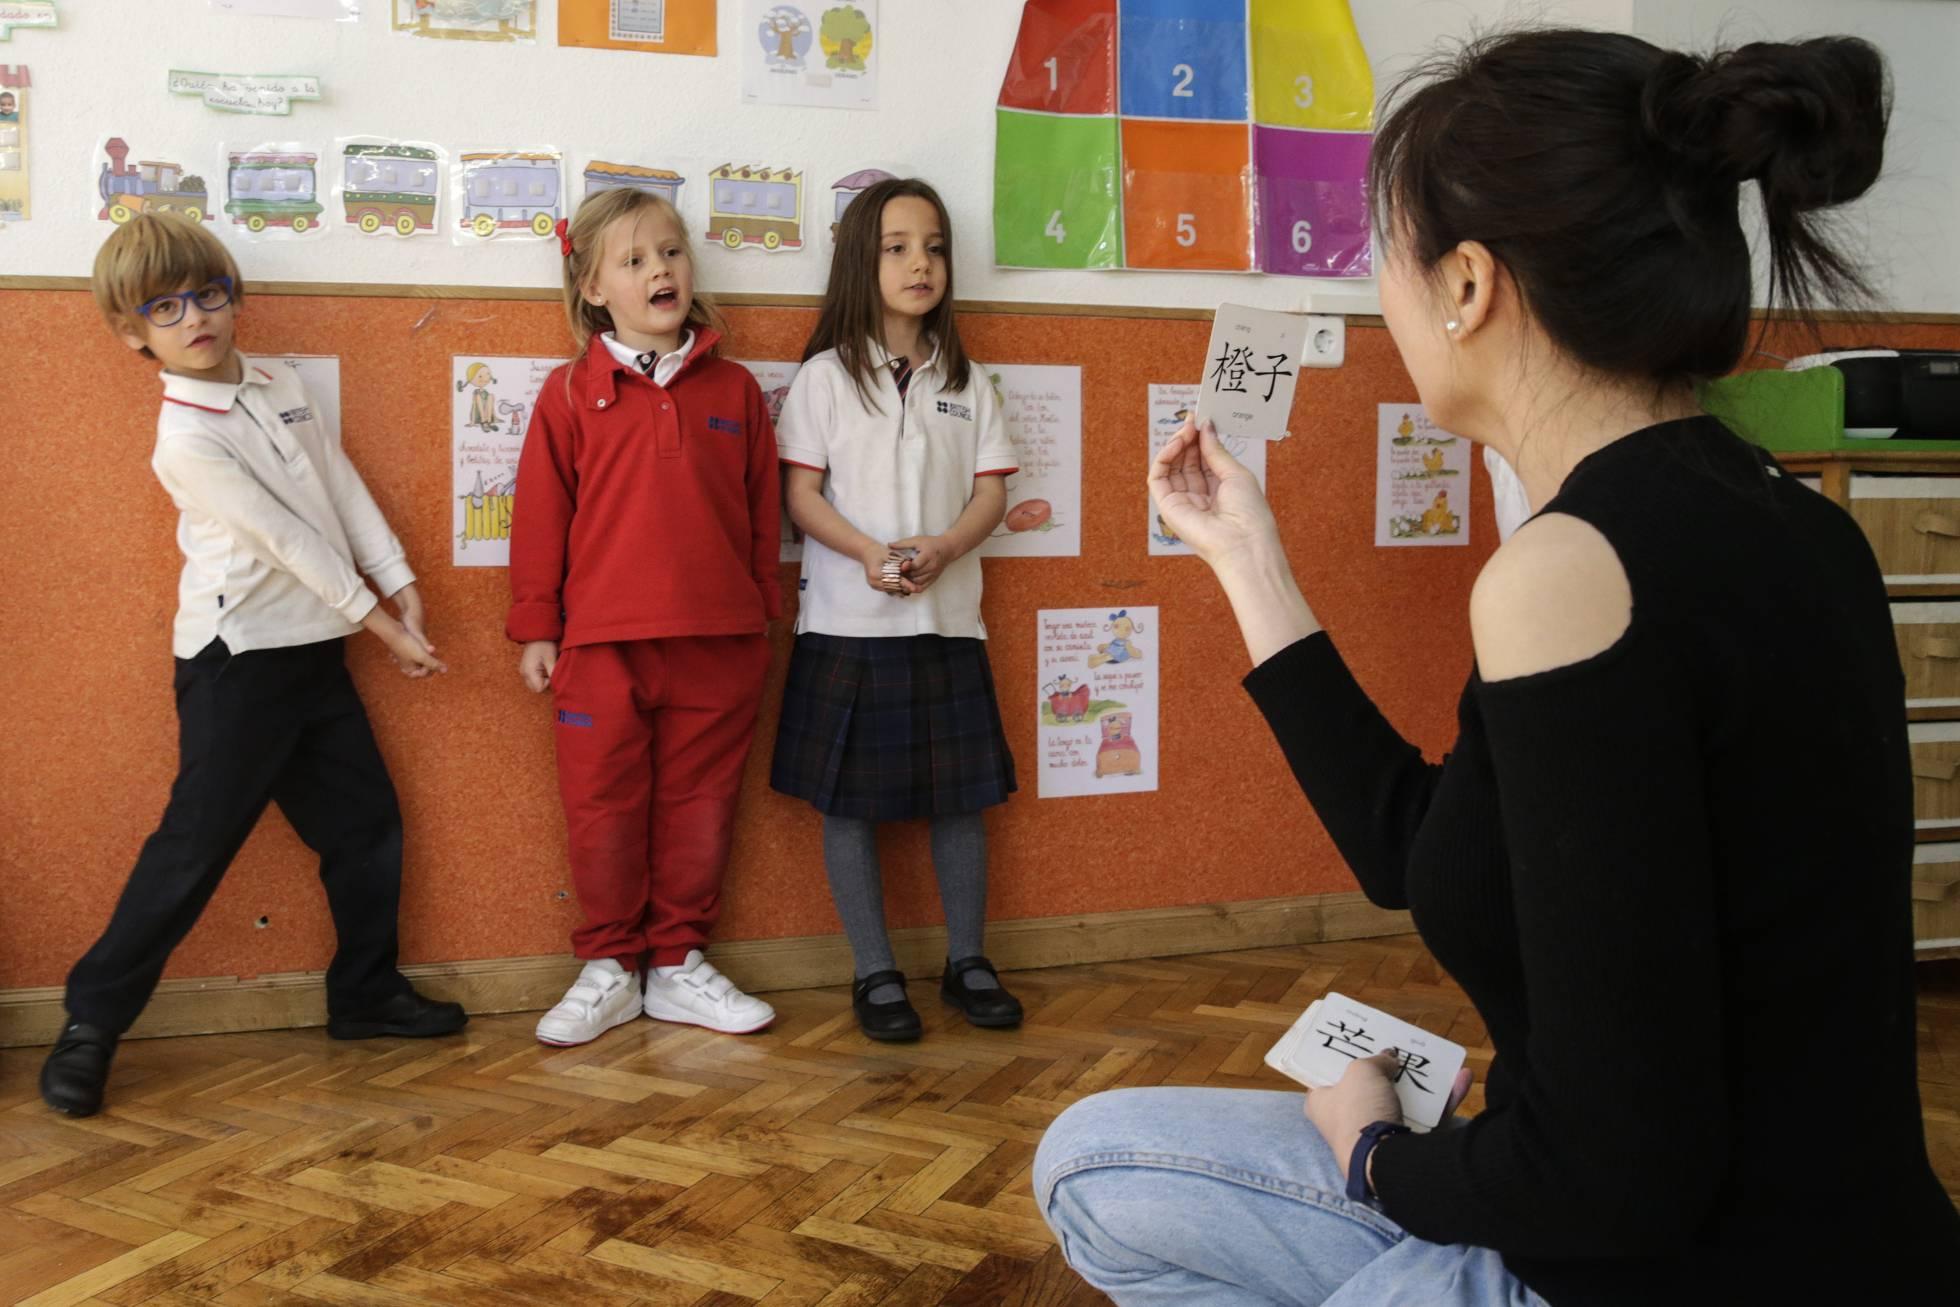 В частных школах региона Мадрид становится модно изучать китайский язык